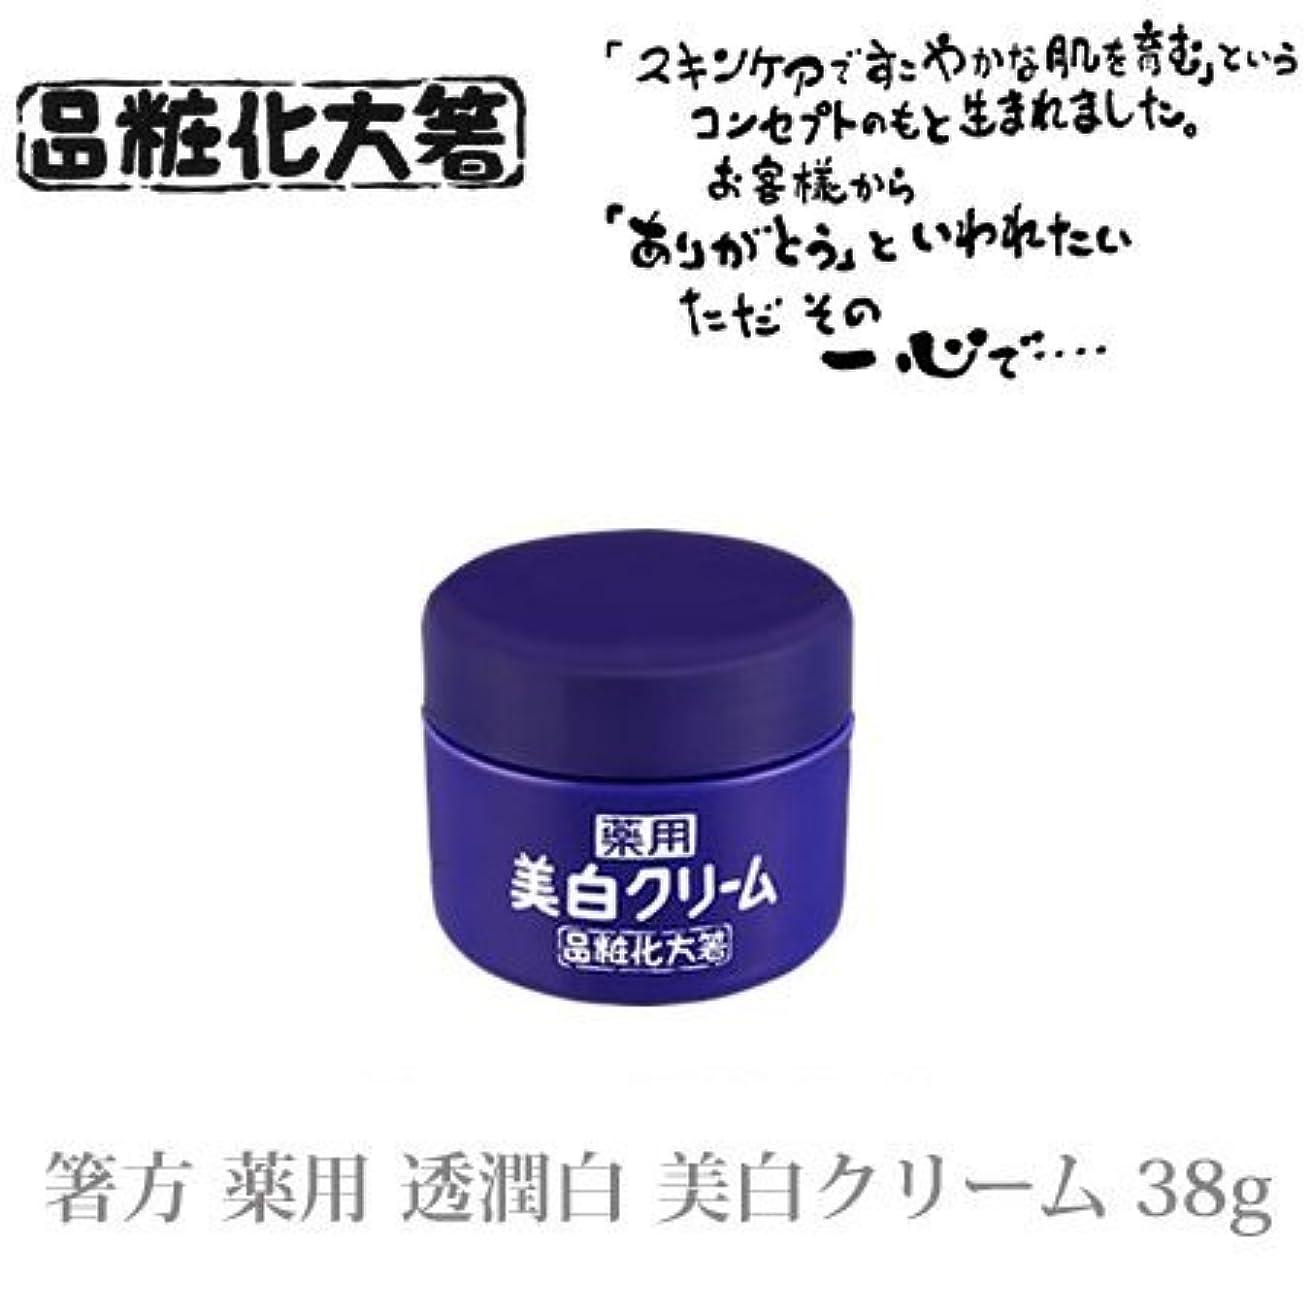 合併症言い直す接地箸方化粧品 薬用 透潤白 美白クリーム 38g はしかた化粧品